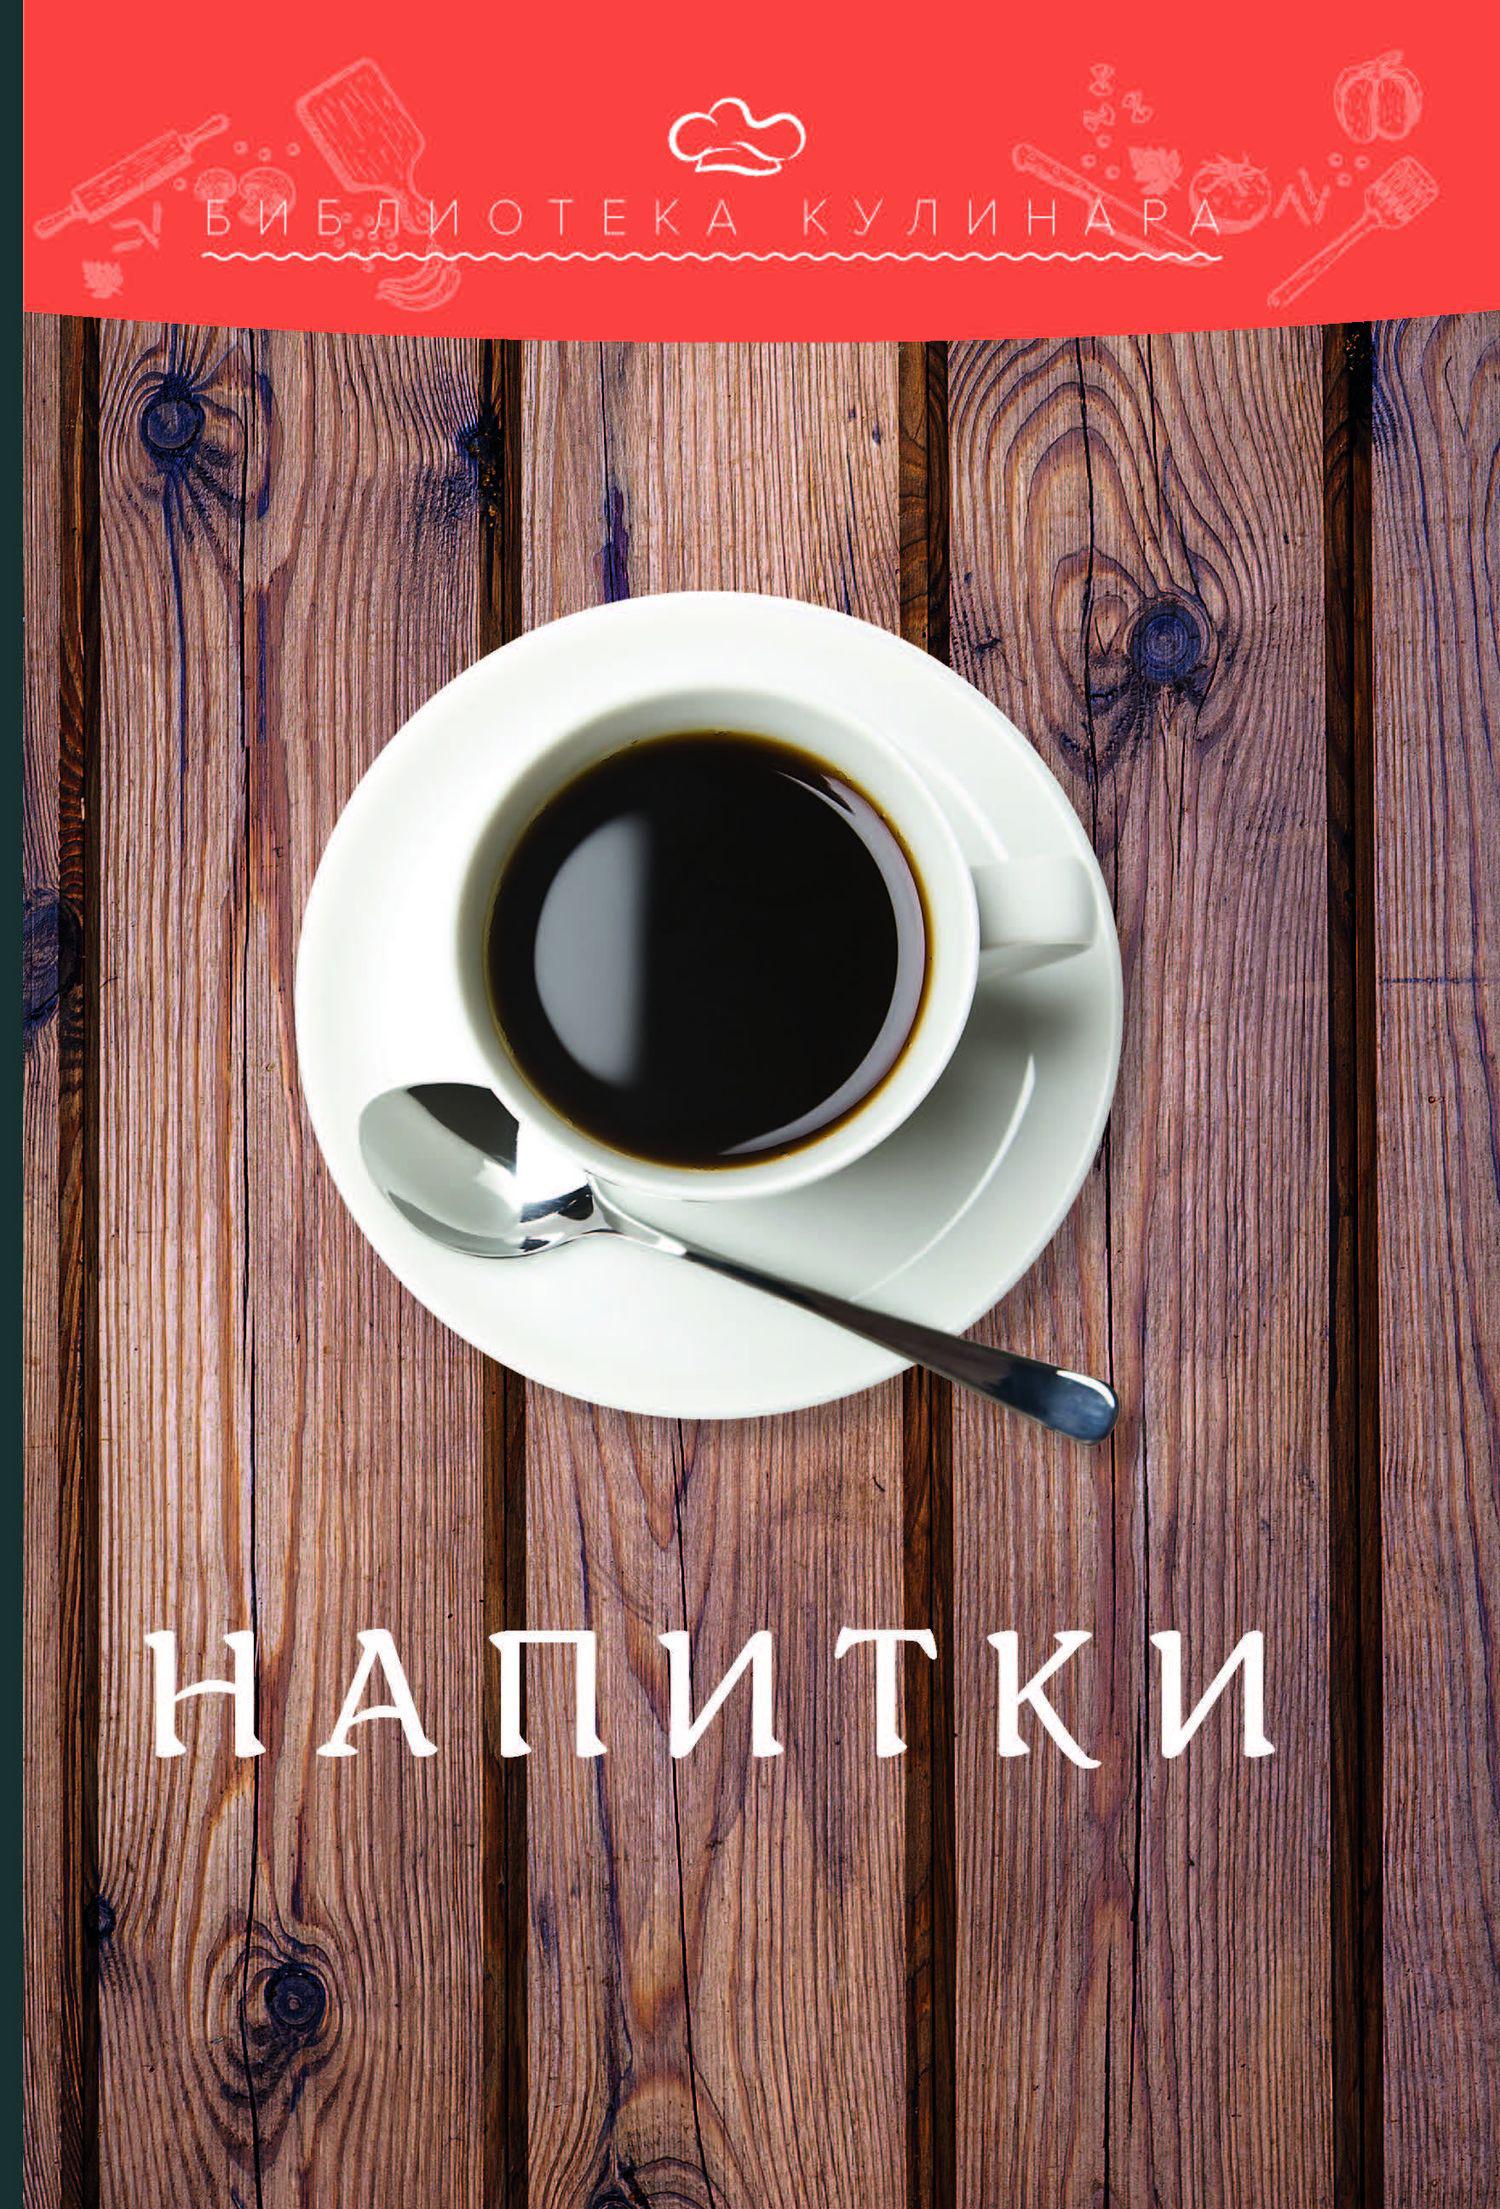 Александр Ратушный Напитки любимые блюда блюда из овощей